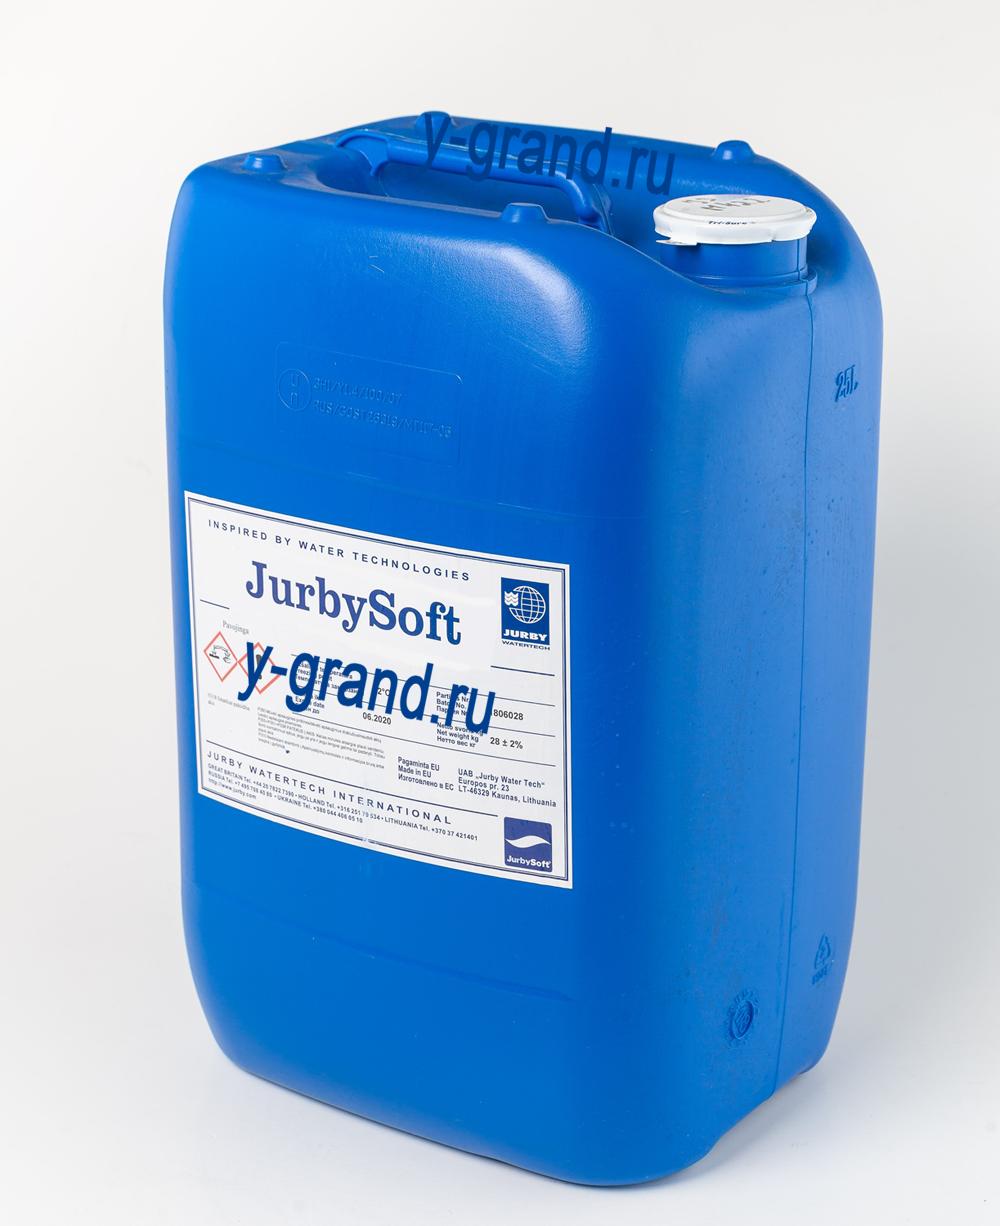 JurbySoft 83 b